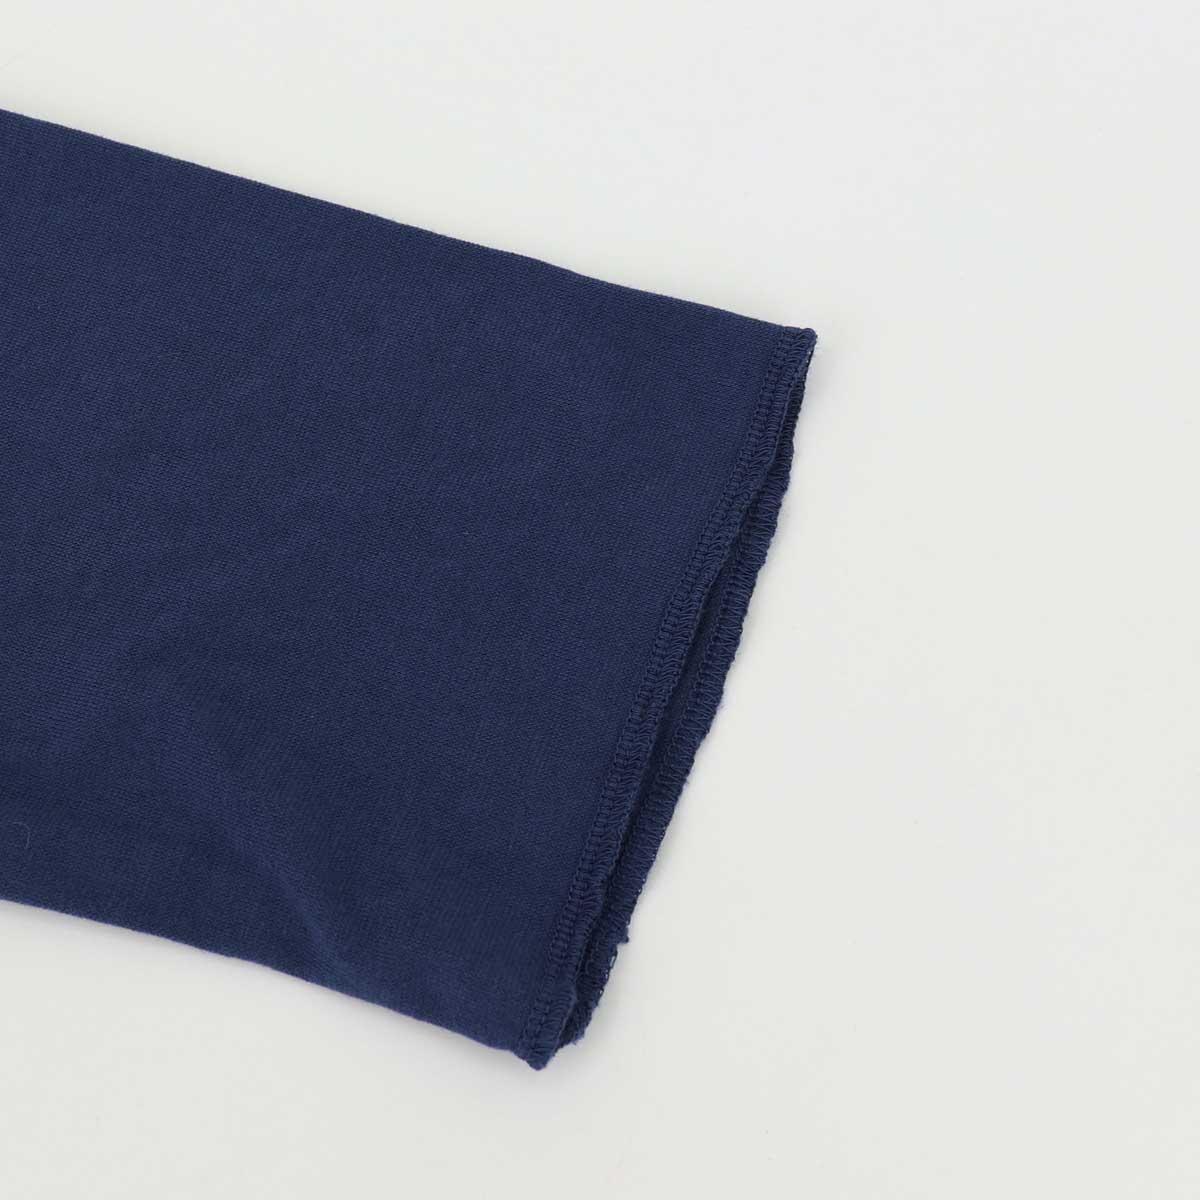 【クリアランスセール】スウィープ!! ロサンゼルス SWEEP!! LosAngeles メンズ コットン 5分袖 ラグランスリーブTシャツ RAGLAN SWFJRLN-03 MALINE(ブルー)【返品交換不可】